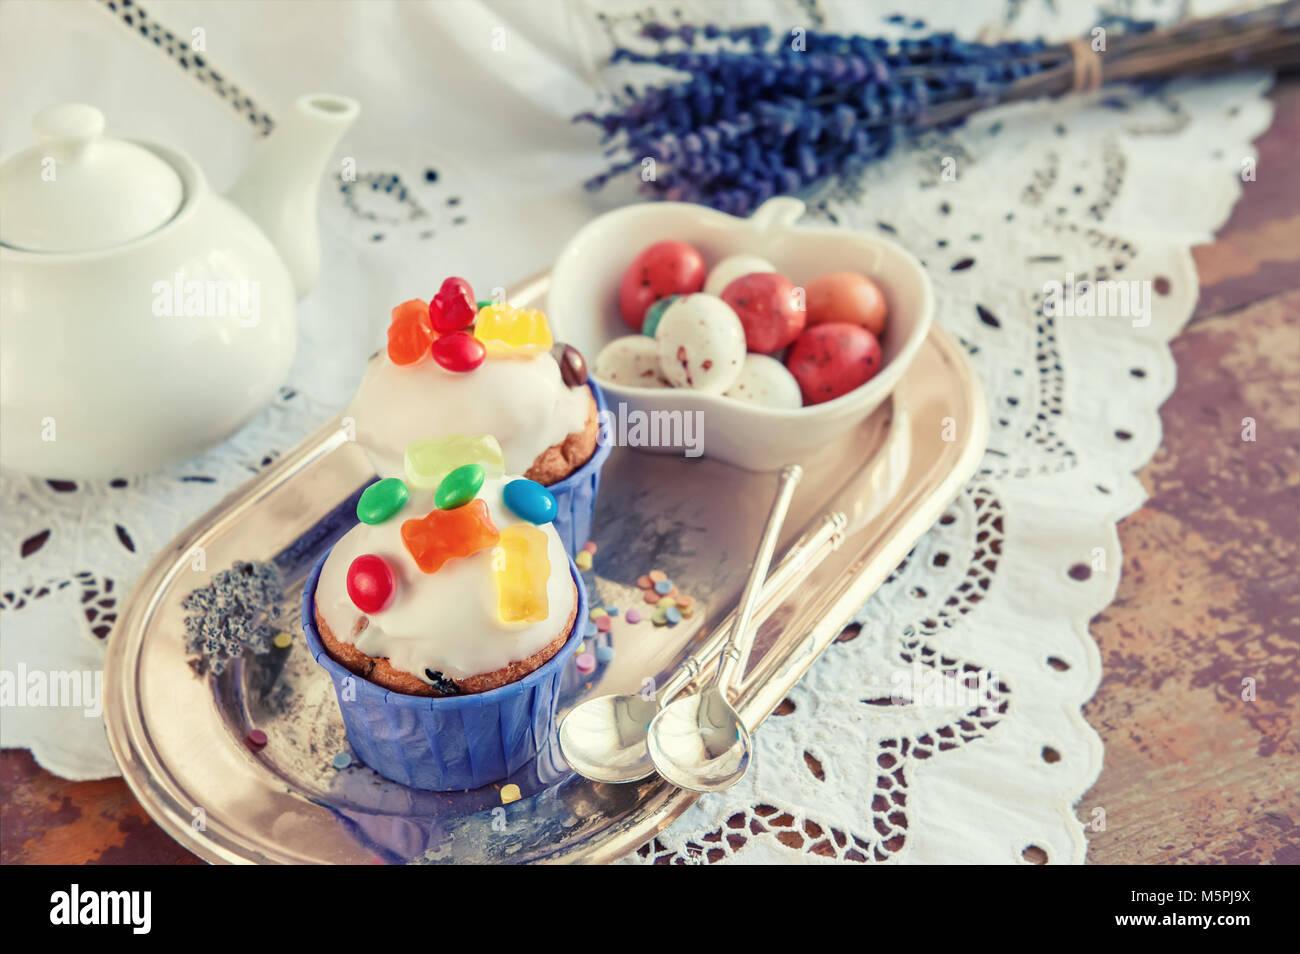 Ostern Kuchen Mit Puderzucker Und Marmelade Dekoration Und Karamel